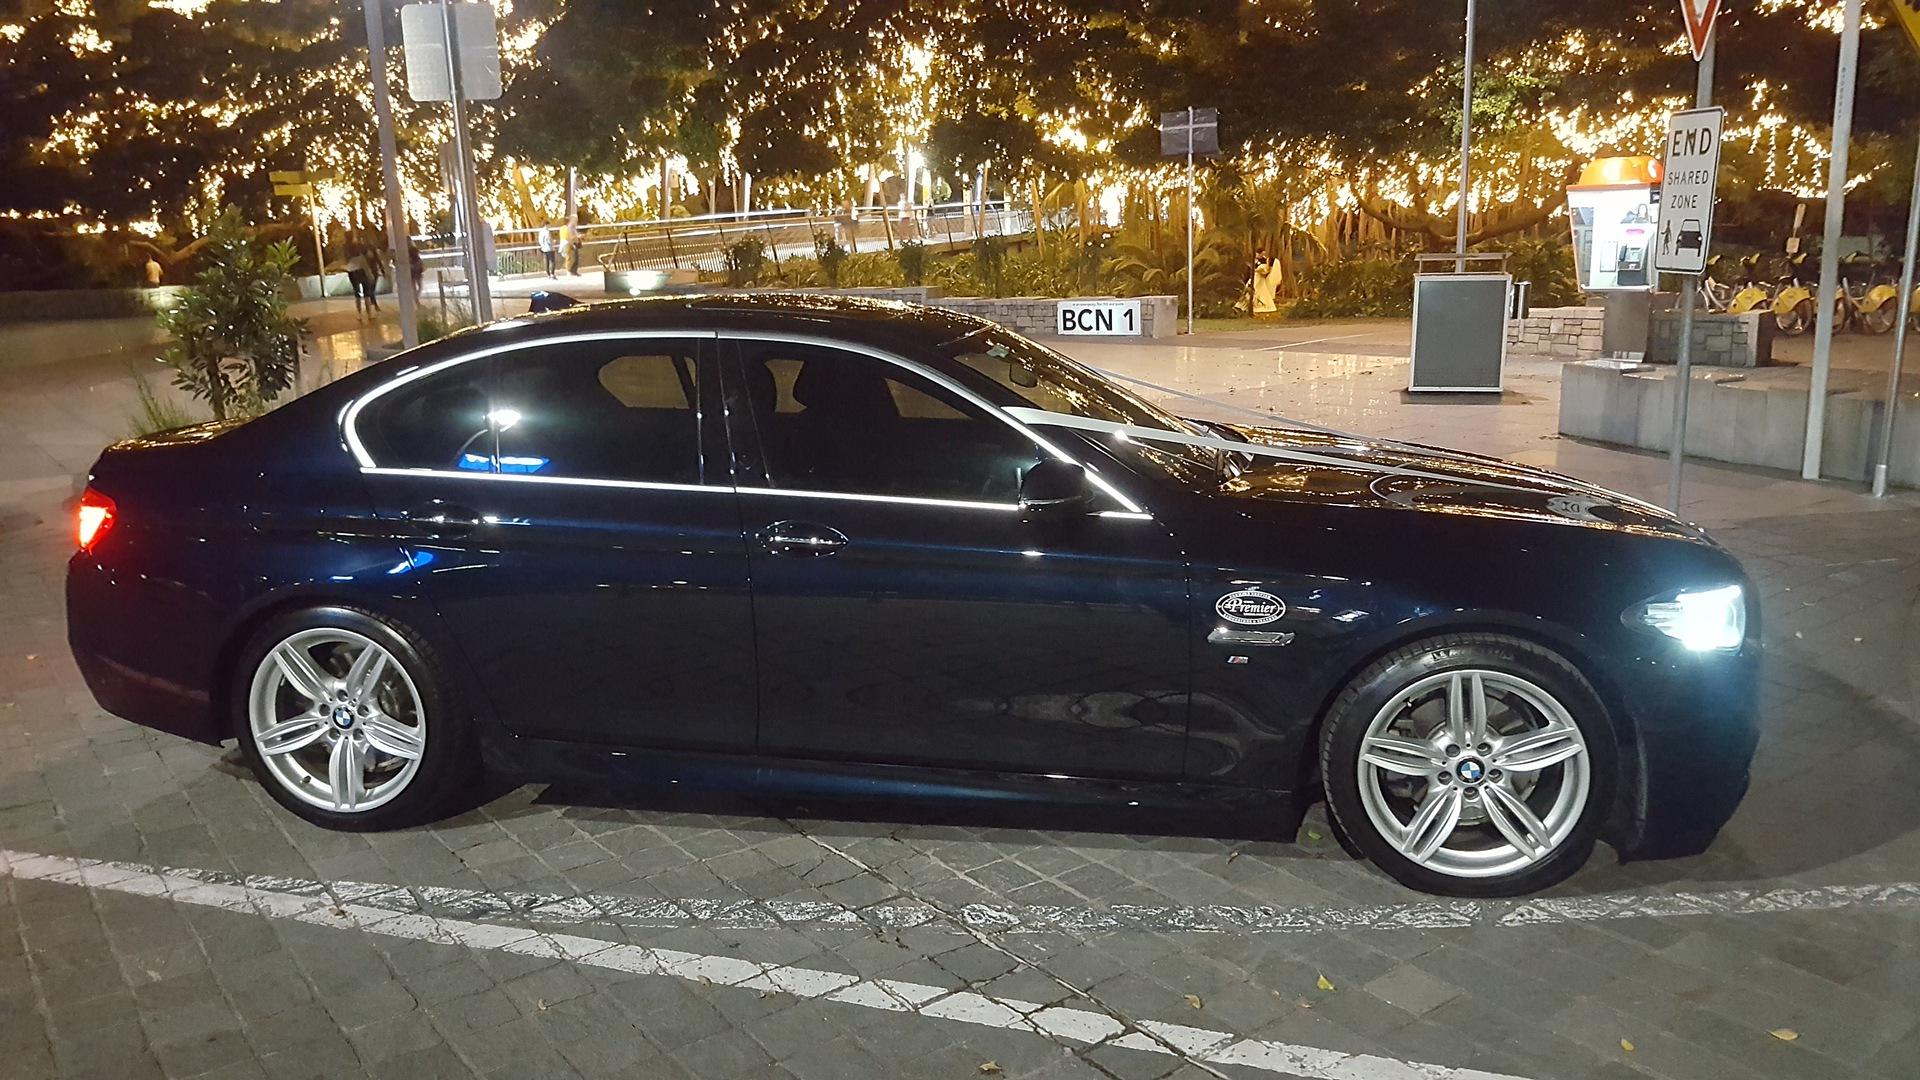 Black Luxury BMW Wedding Car